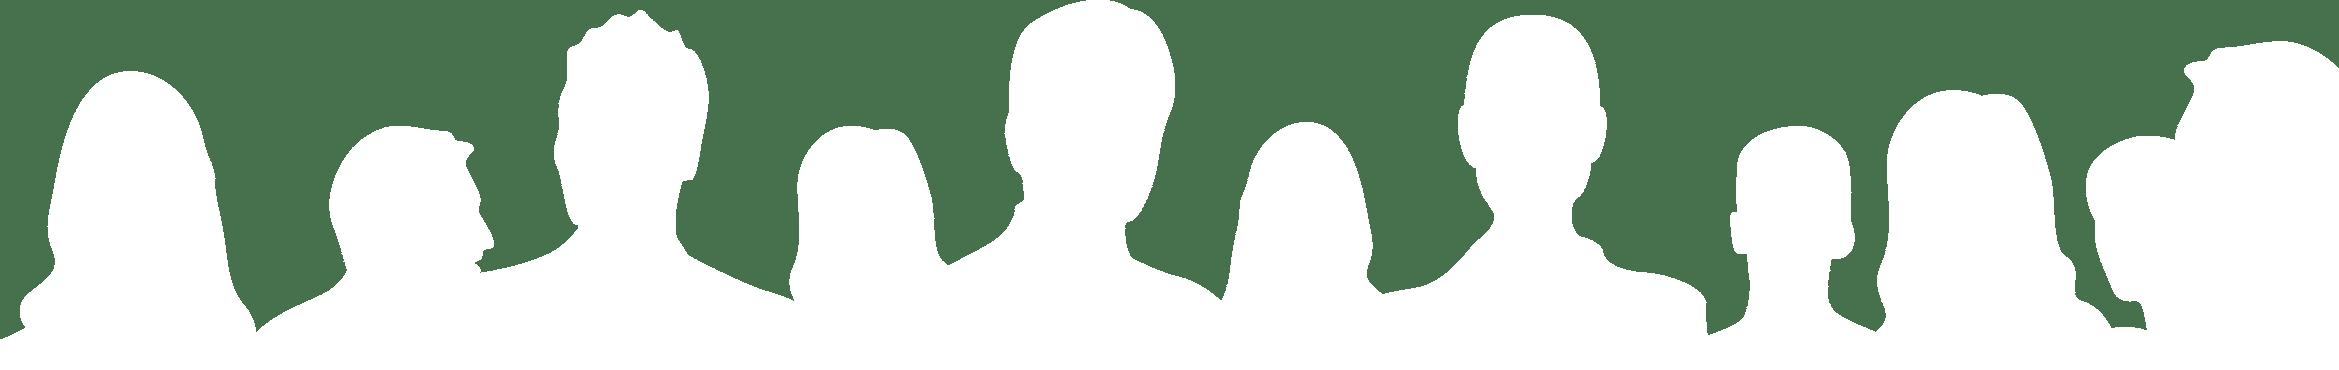 agency 48 33335 Monialayritys Puuharit Työpalvelu,työ,työtä,kotitalousvähennys